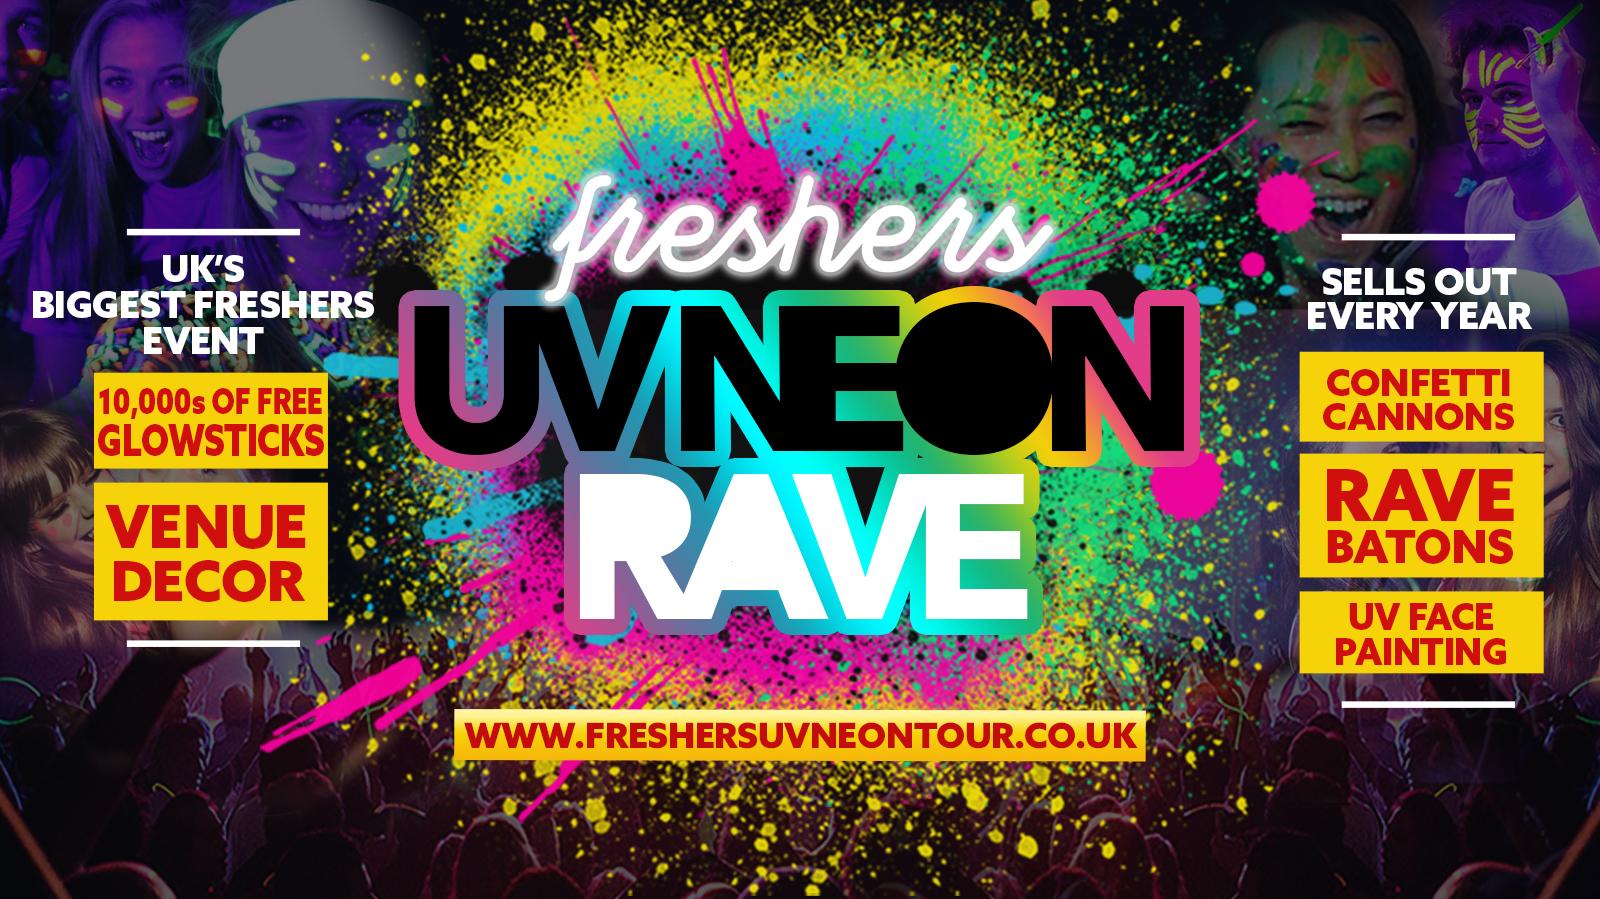 Bristol Freshers UV Neon Rave | Bristol Freshers 2021